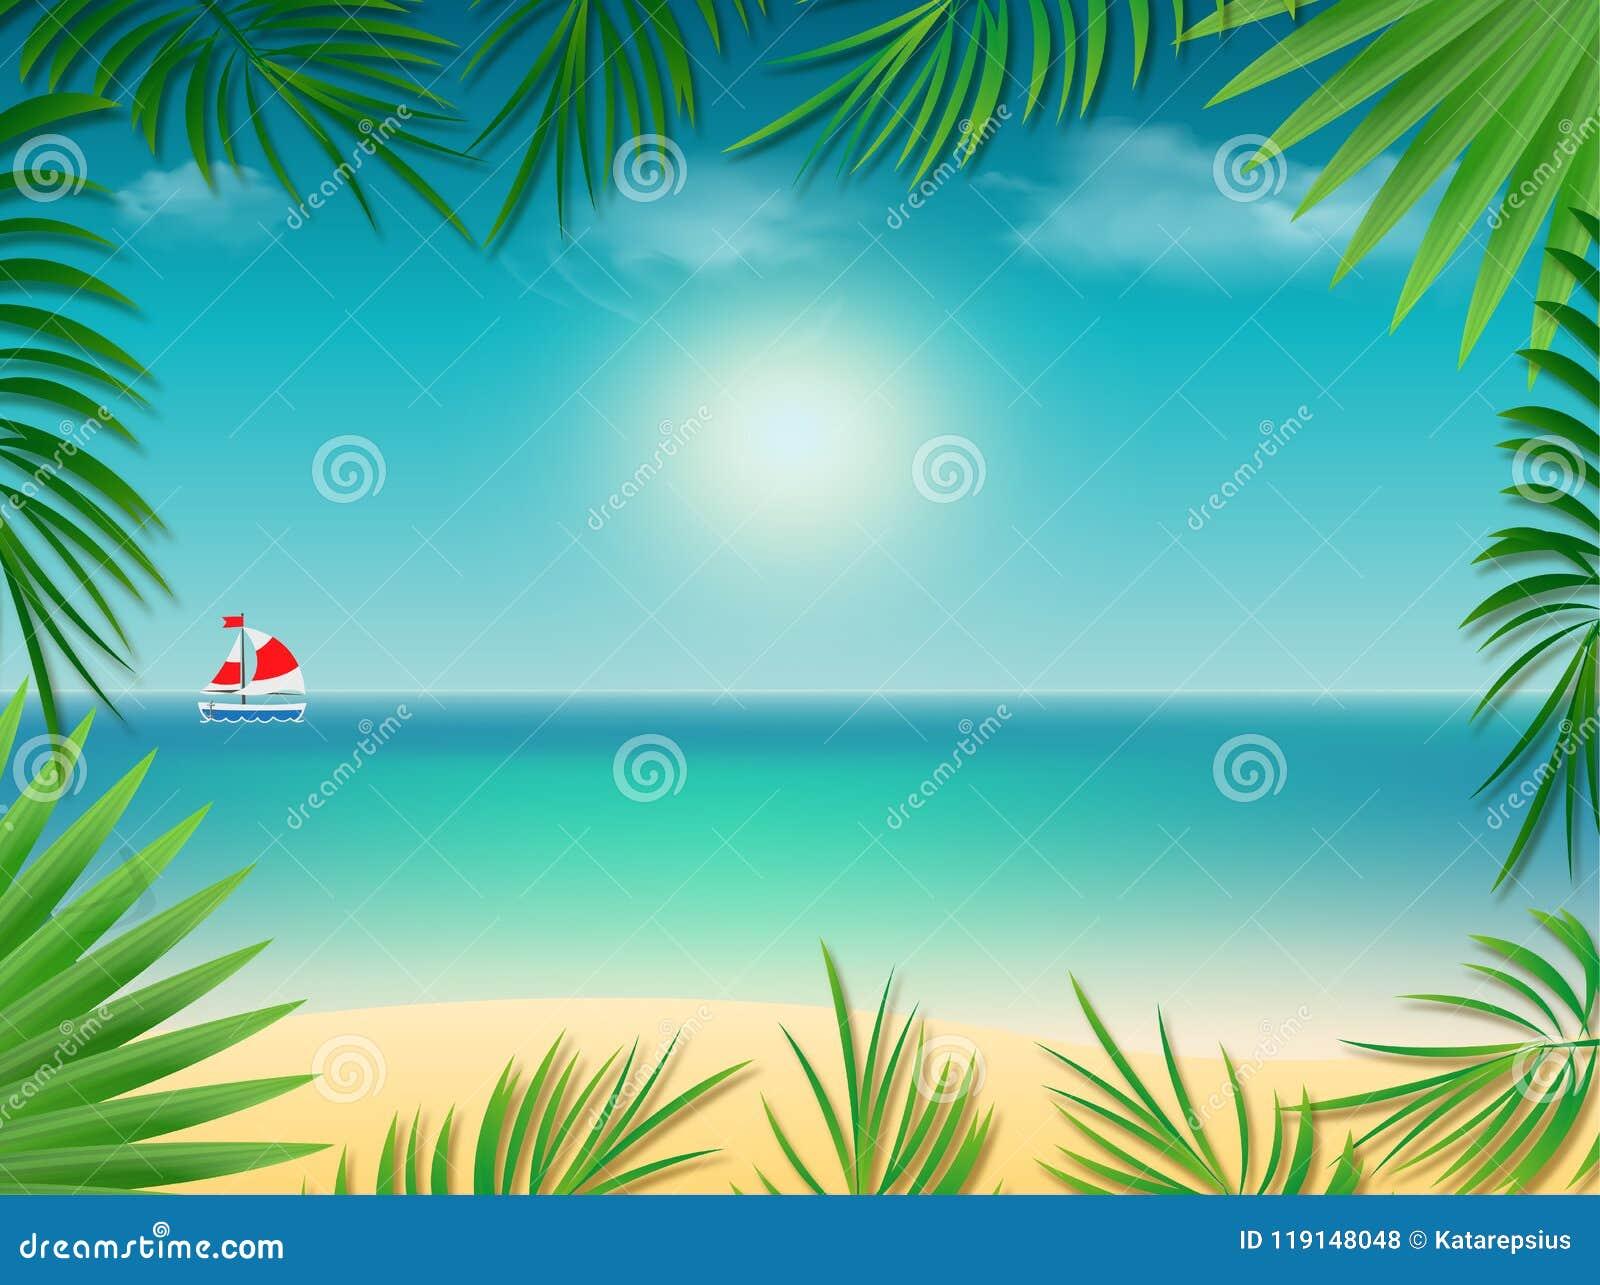 El Marco Tropical Del Fondo Con La Playa Del Mar Enmarcada Con La ...